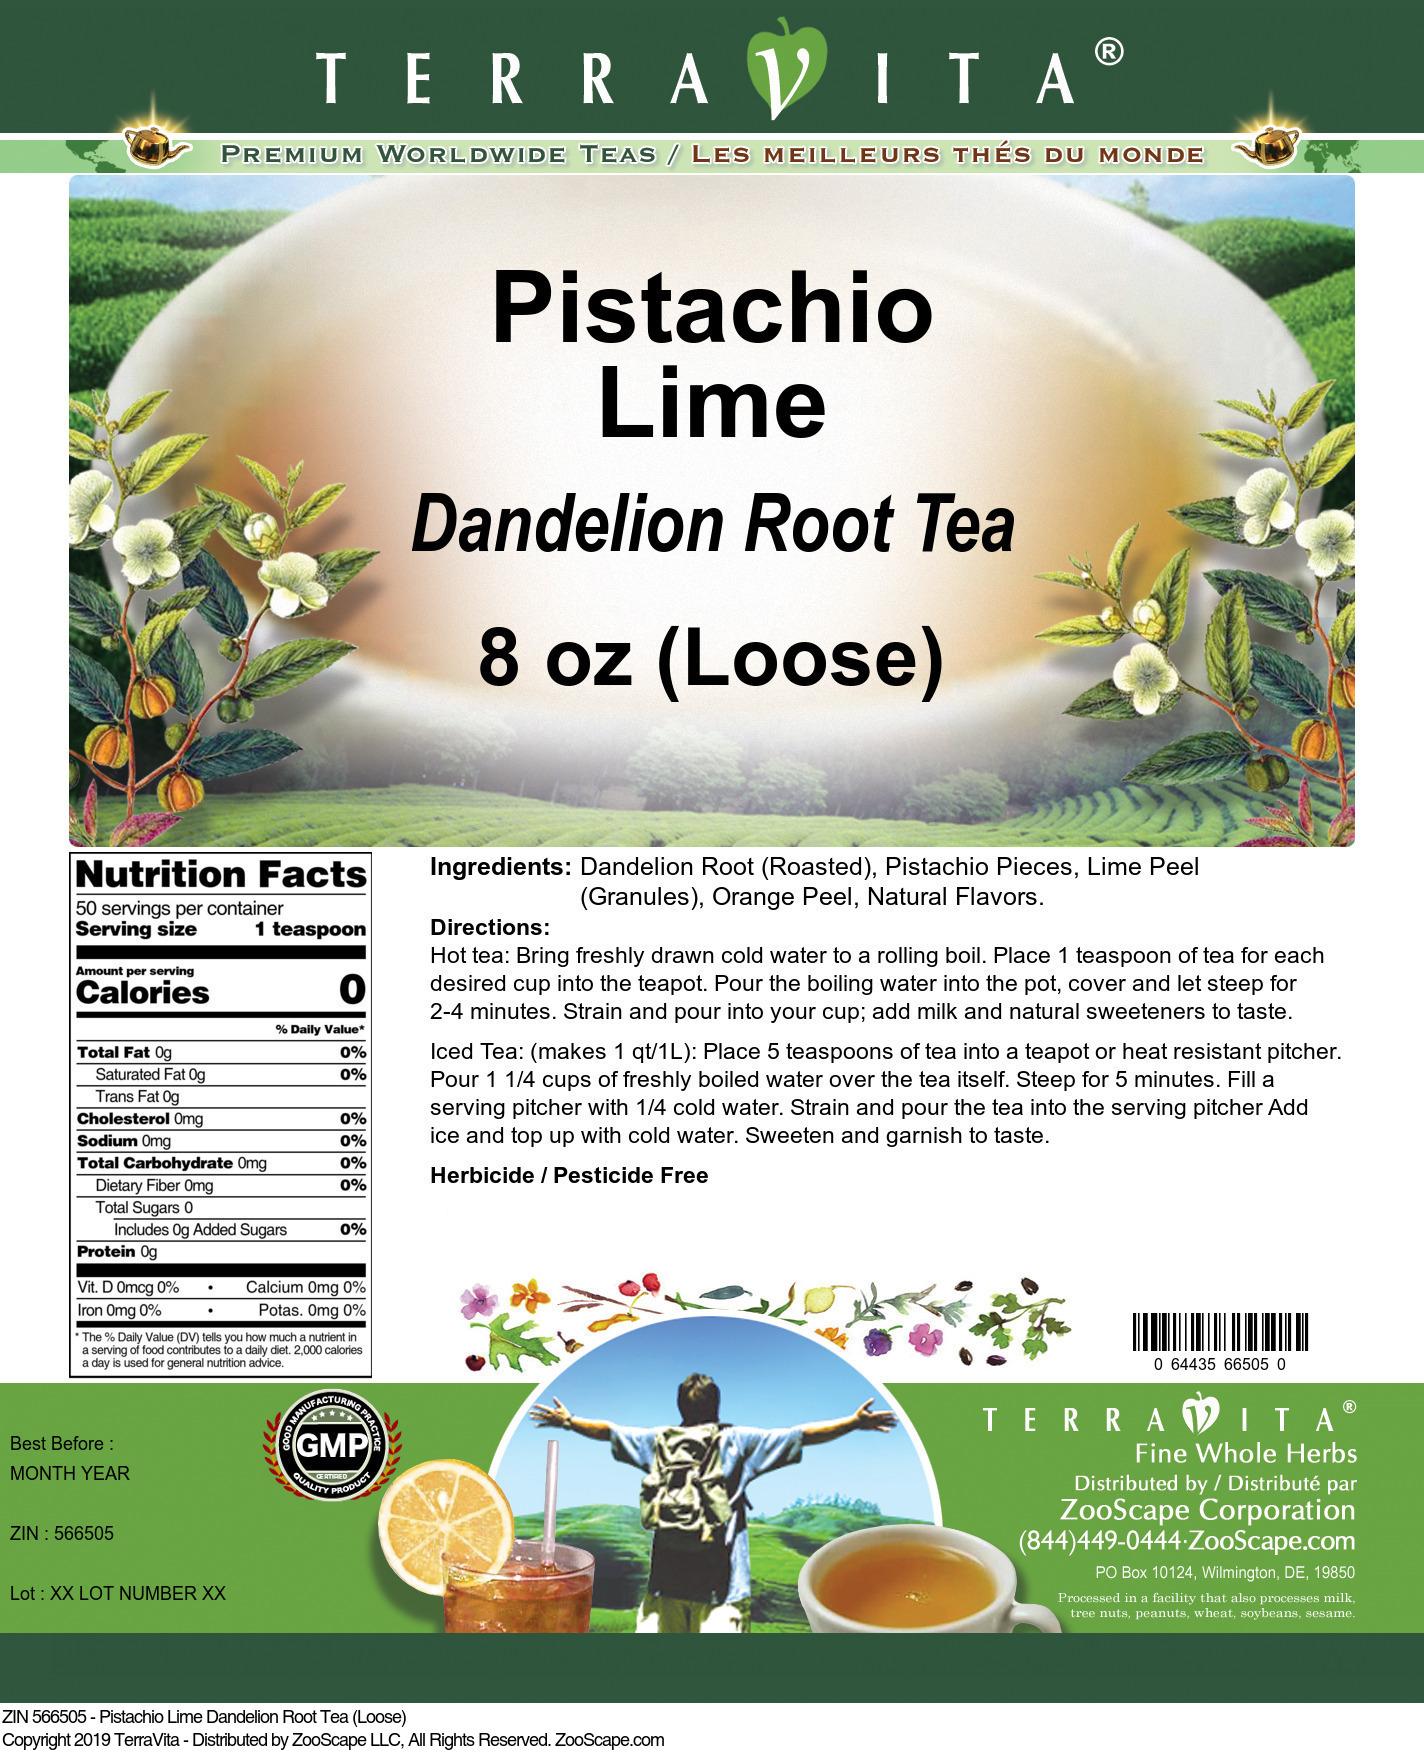 Pistachio Lime Dandelion Root